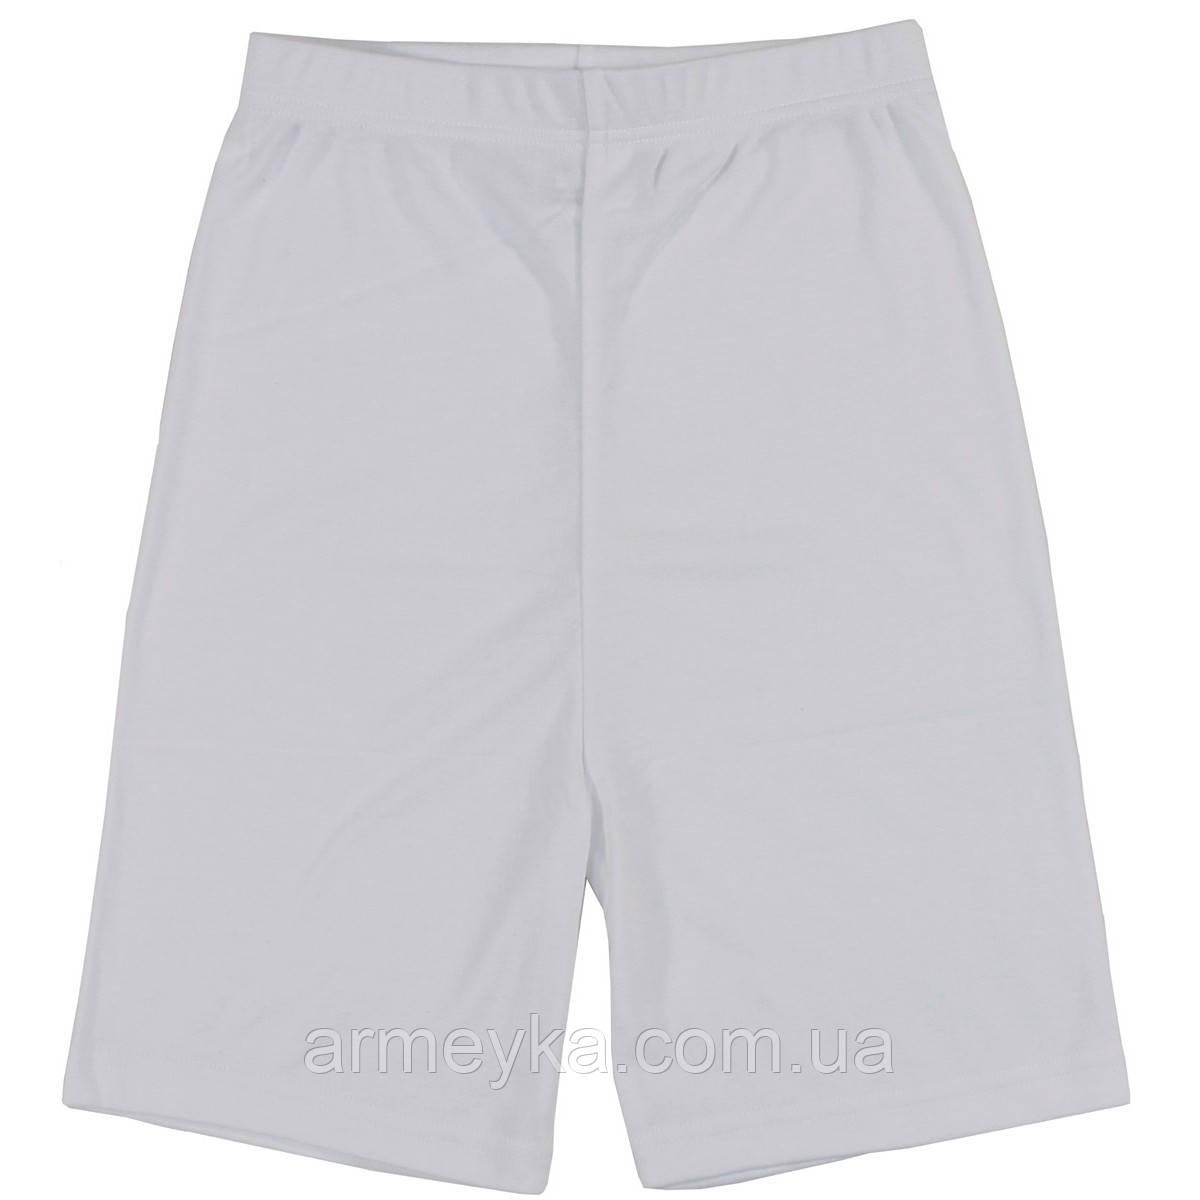 Потоотводящие термо труси, womens thermal short leg pants. НОВІ